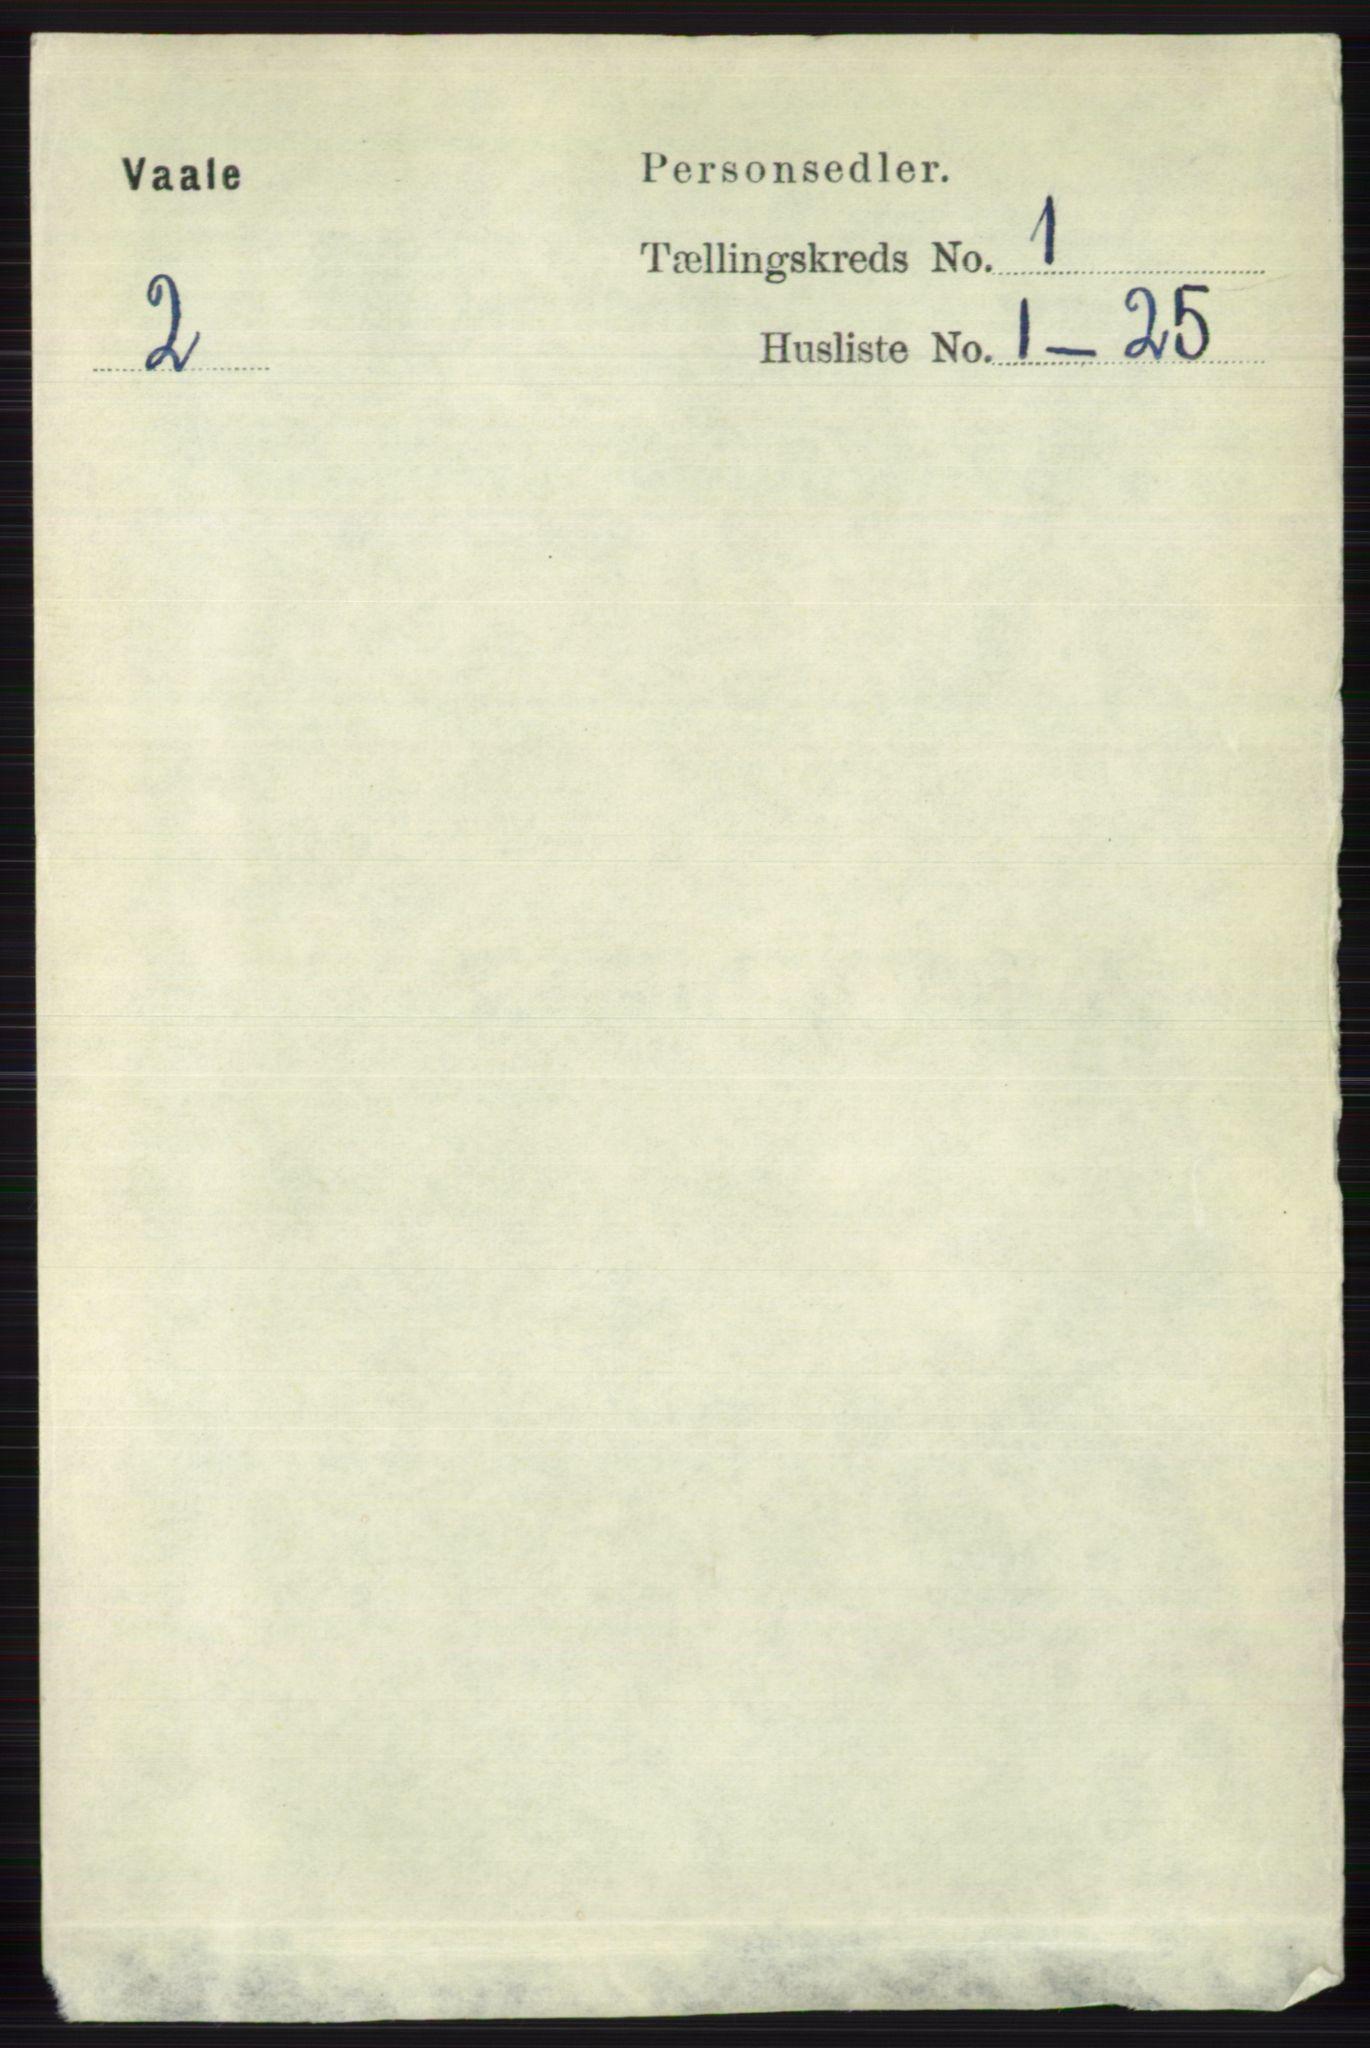 RA, Folketelling 1891 for 0716 Våle herred, 1891, s. 82